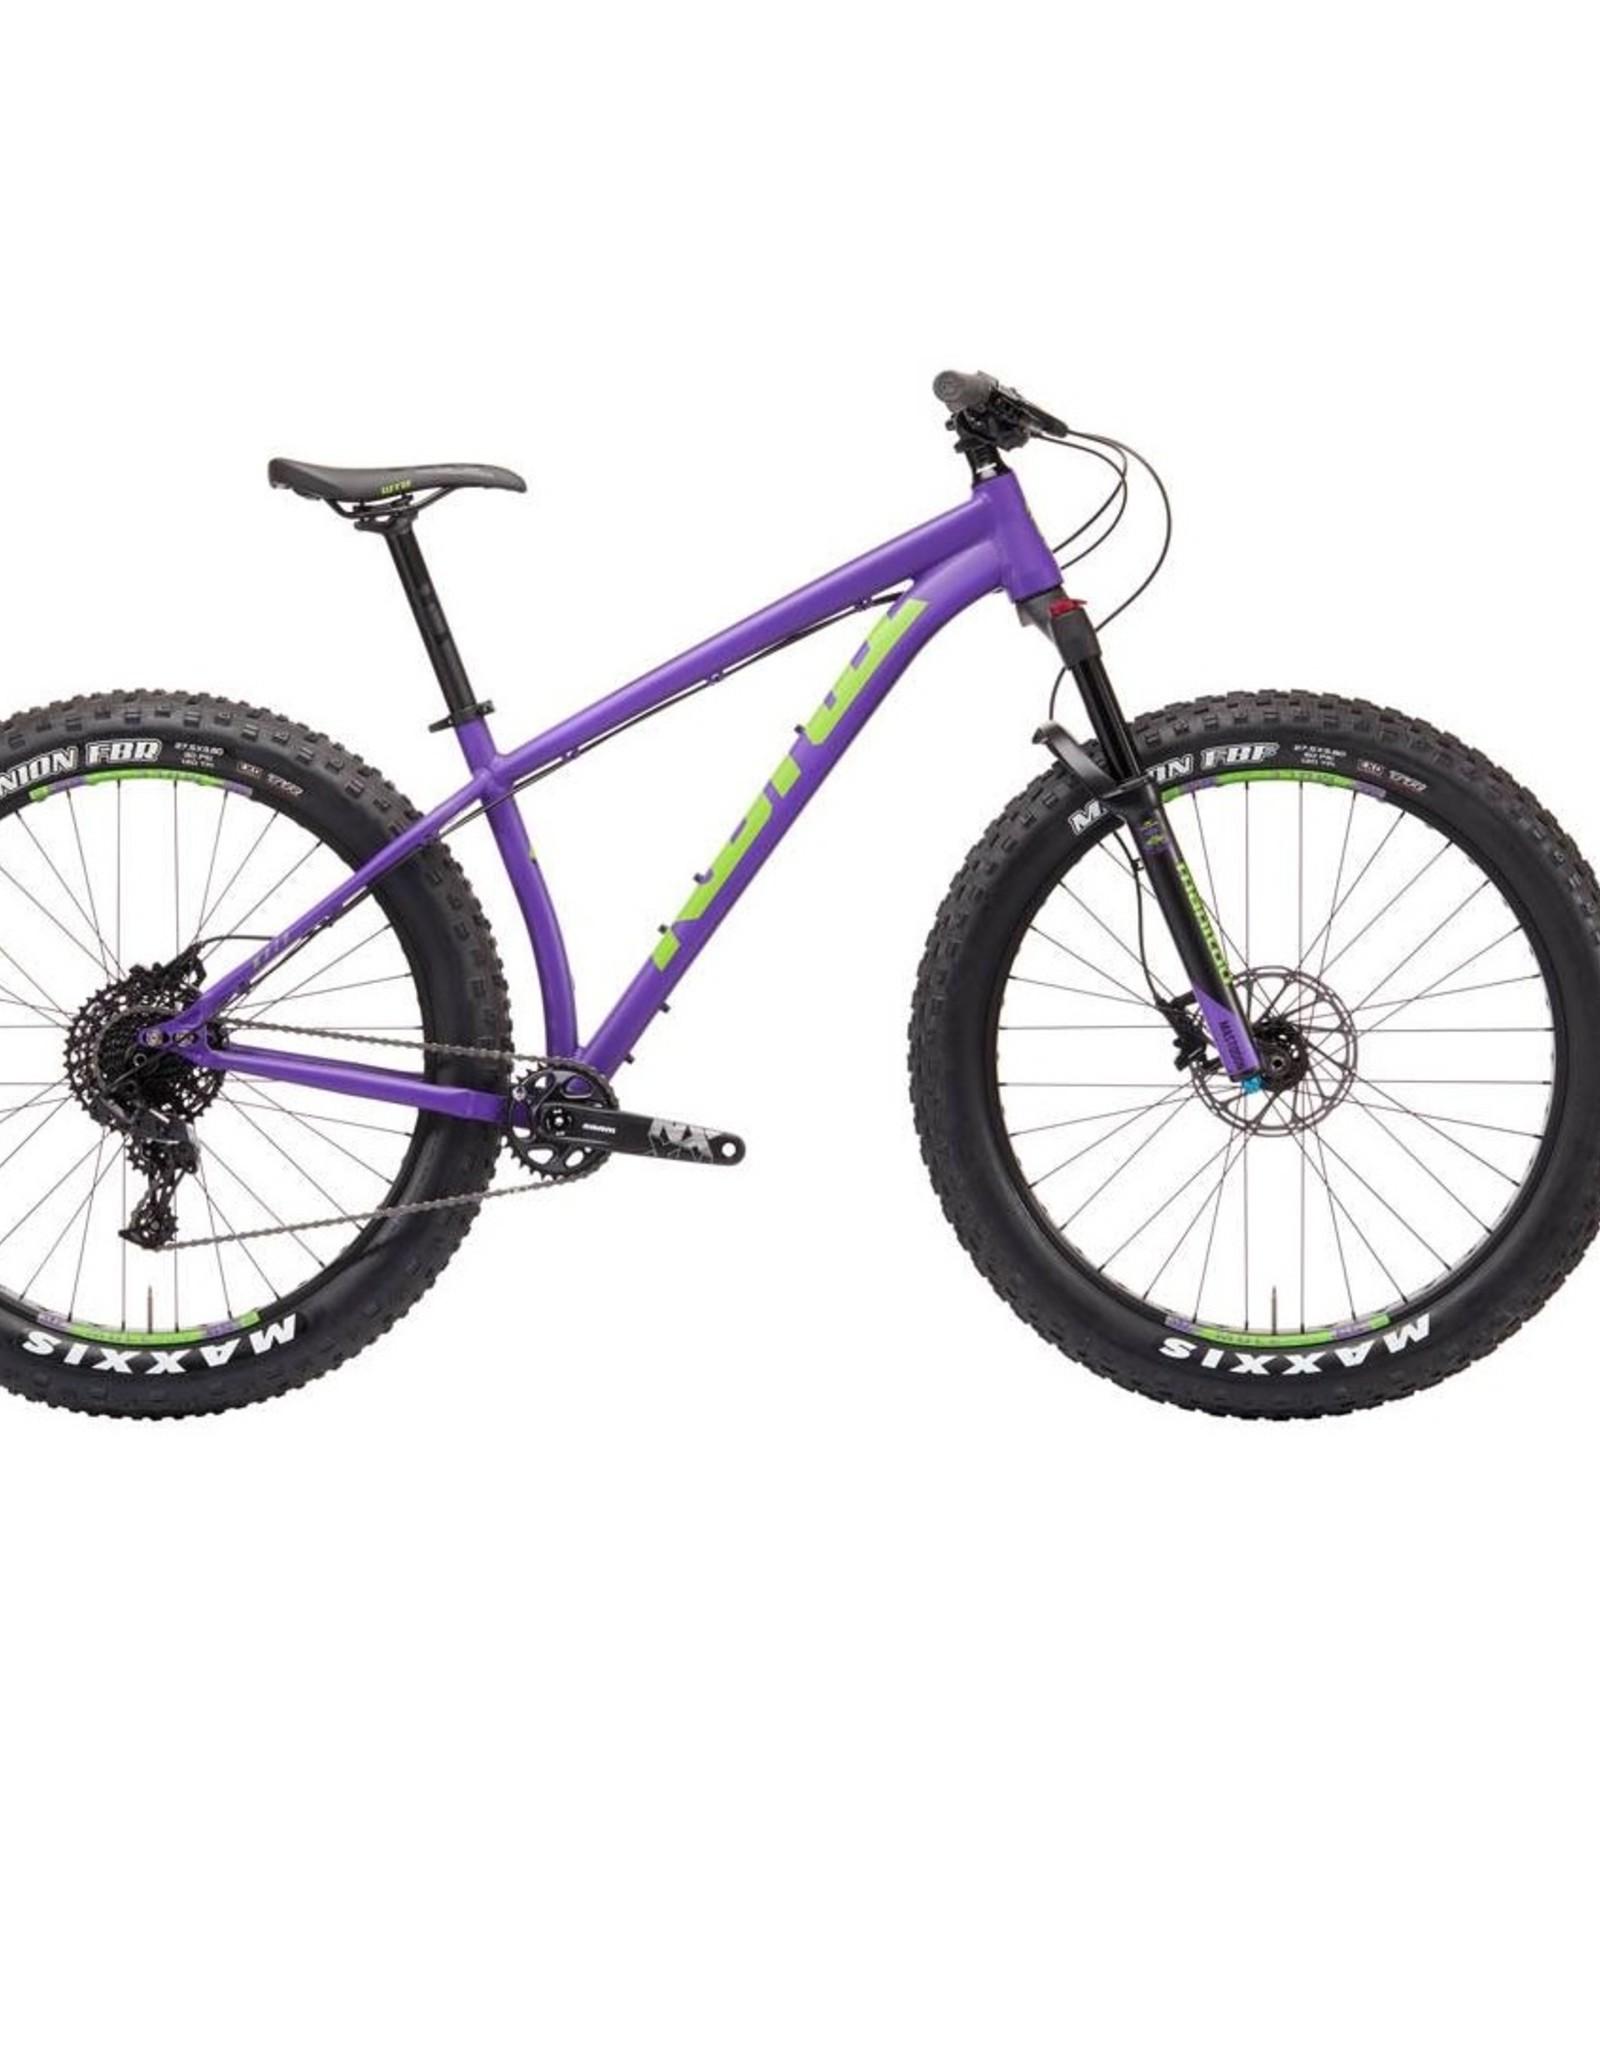 KONA Kona WoZo 2019 Purple M Bicycle